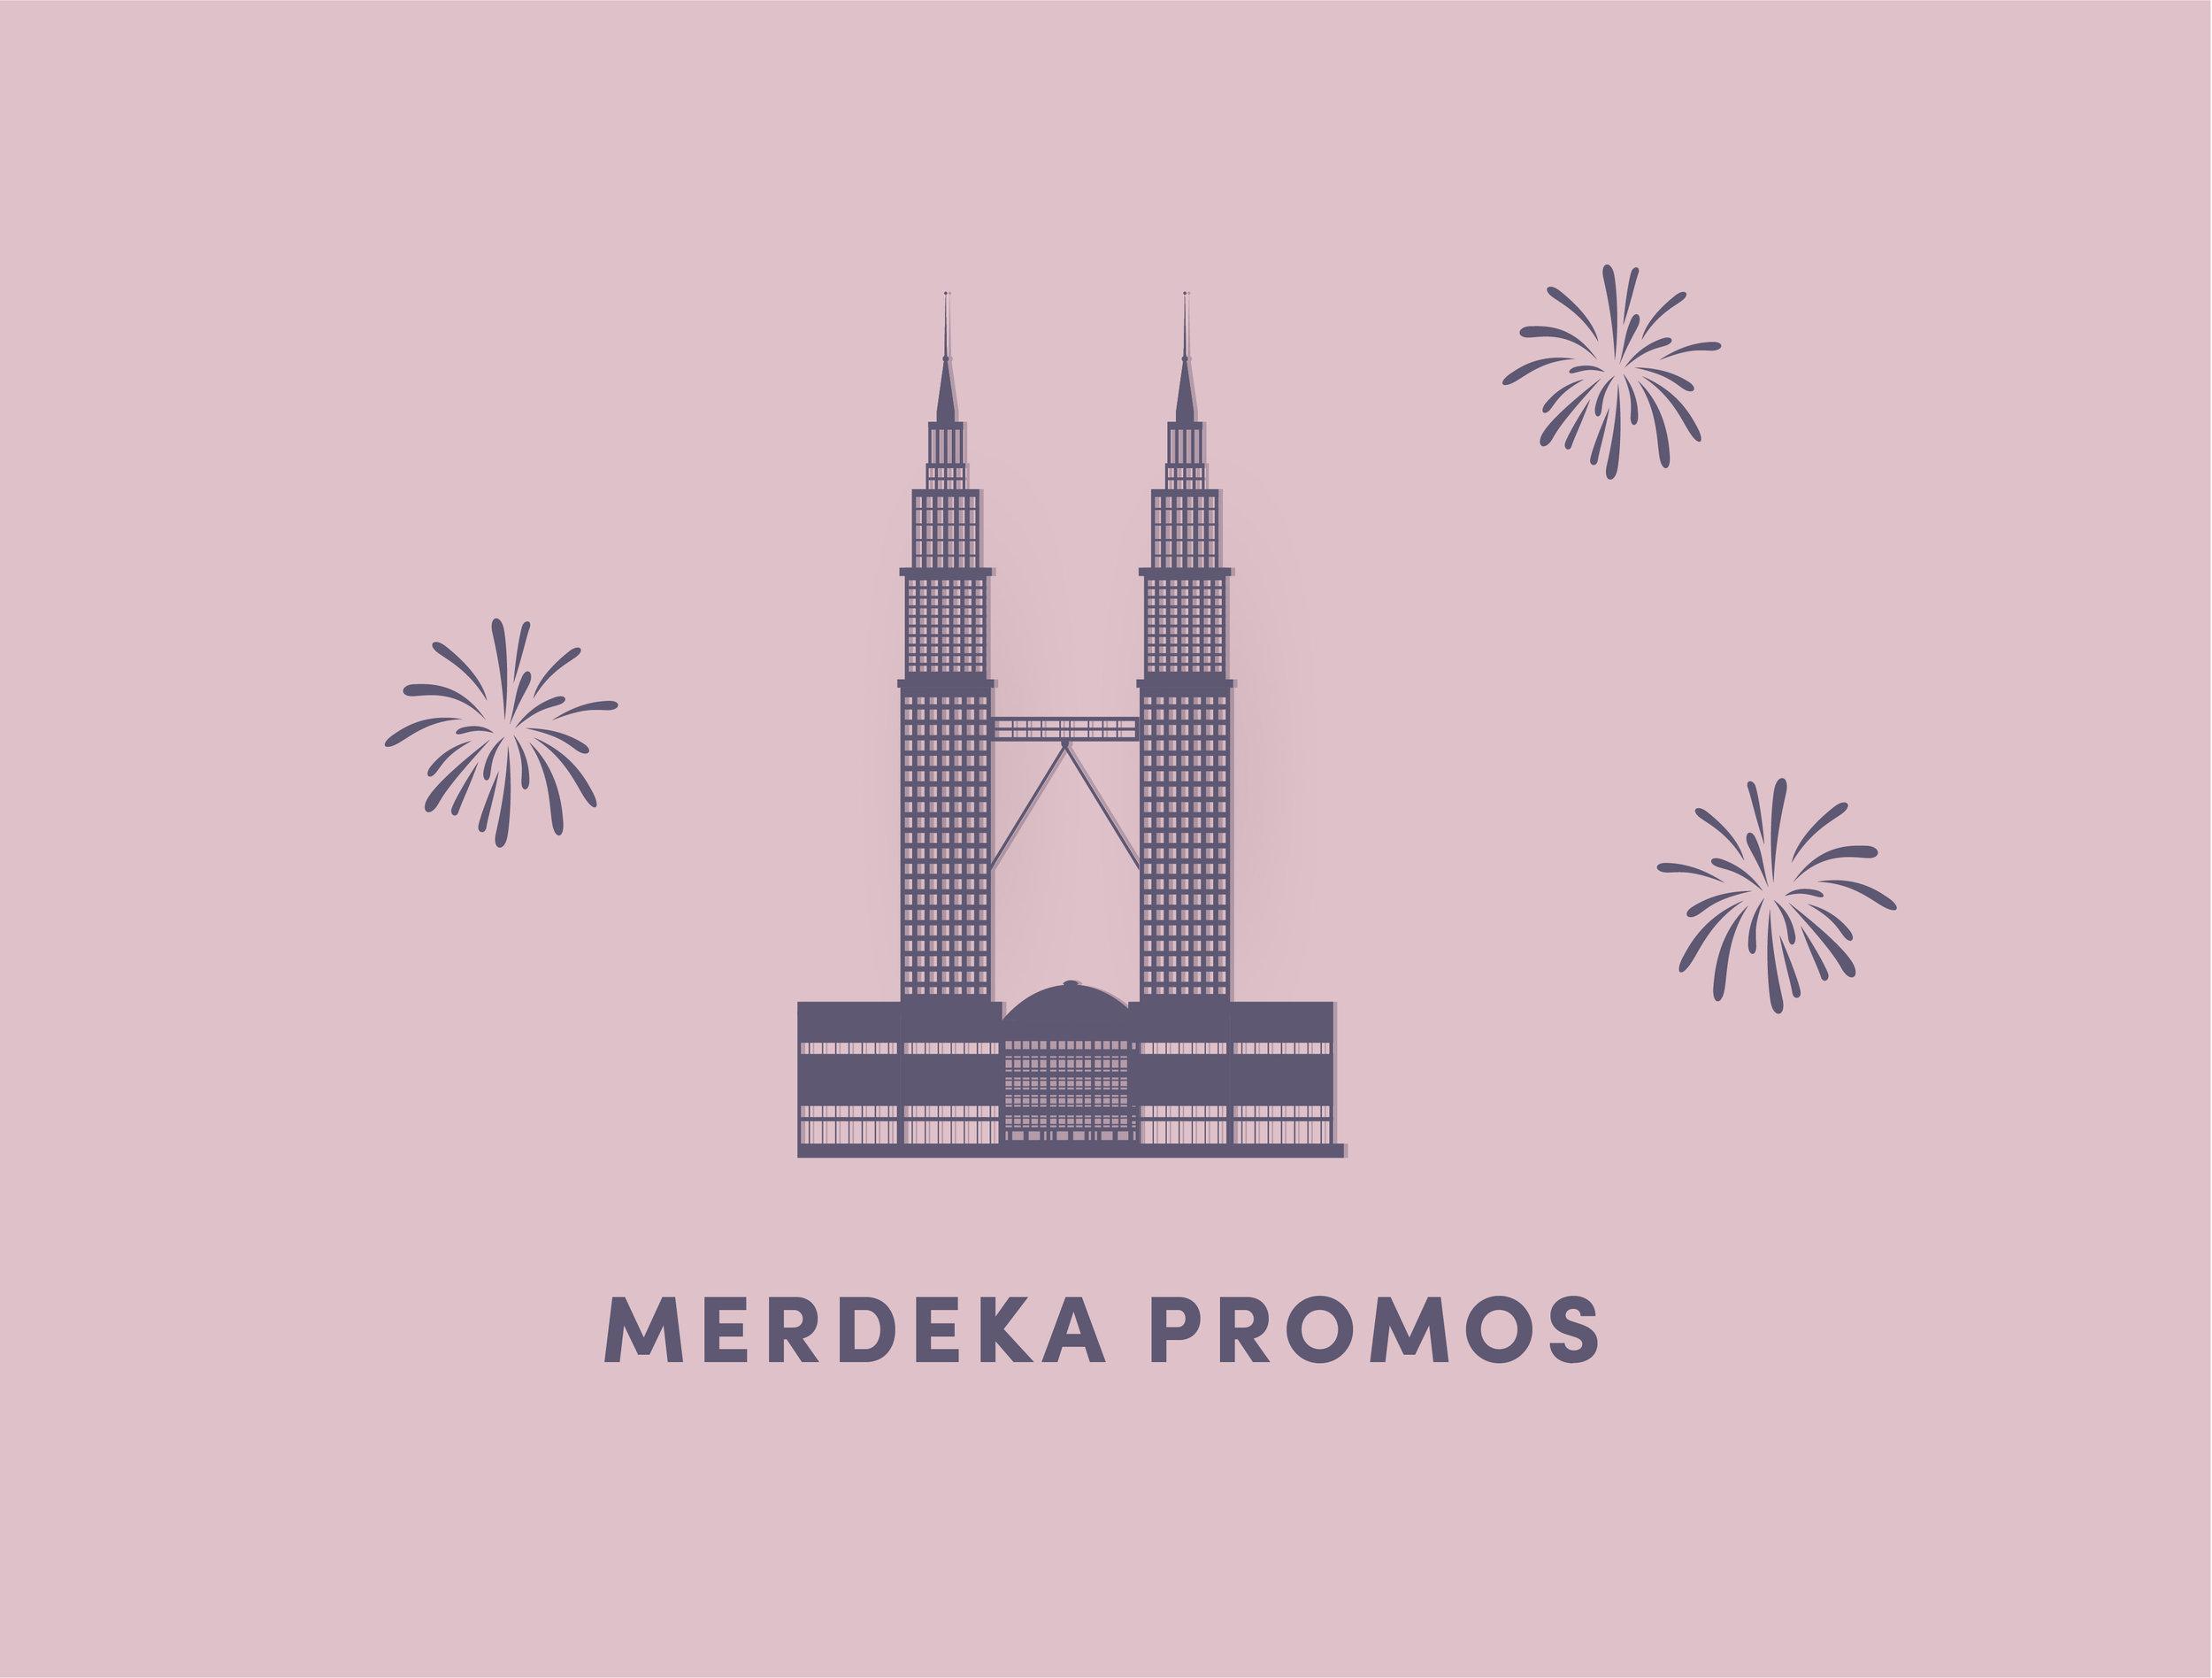 LC_SM_Aug_Merdeka-Promos_V2-05.jpg